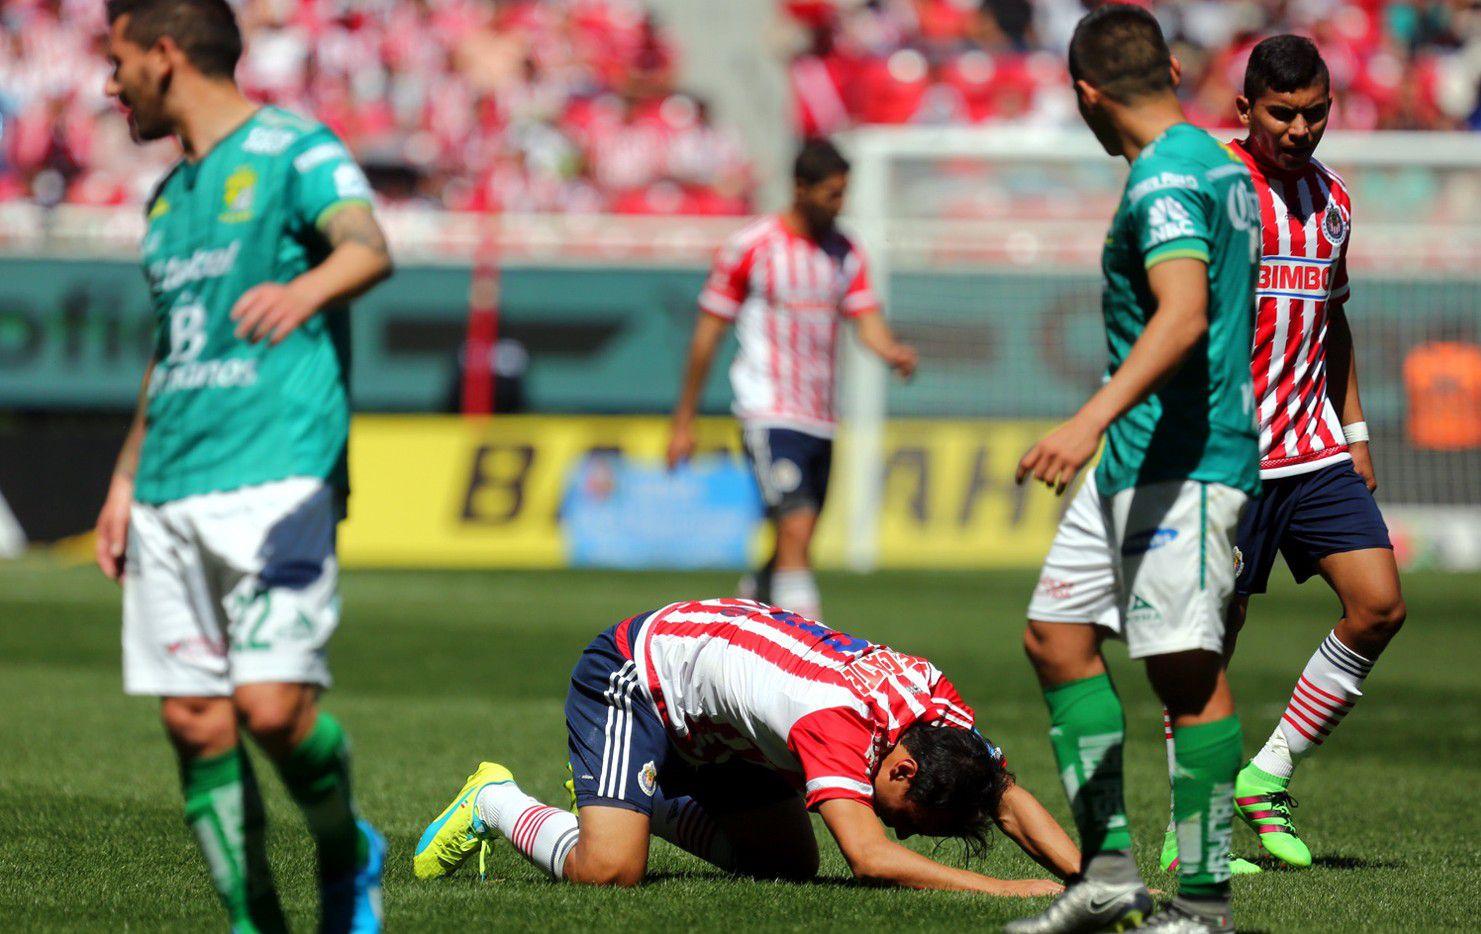 Chivas cayeron 1-0 ante León en la Fecha 6. Fotos AGENCIA REFORMA